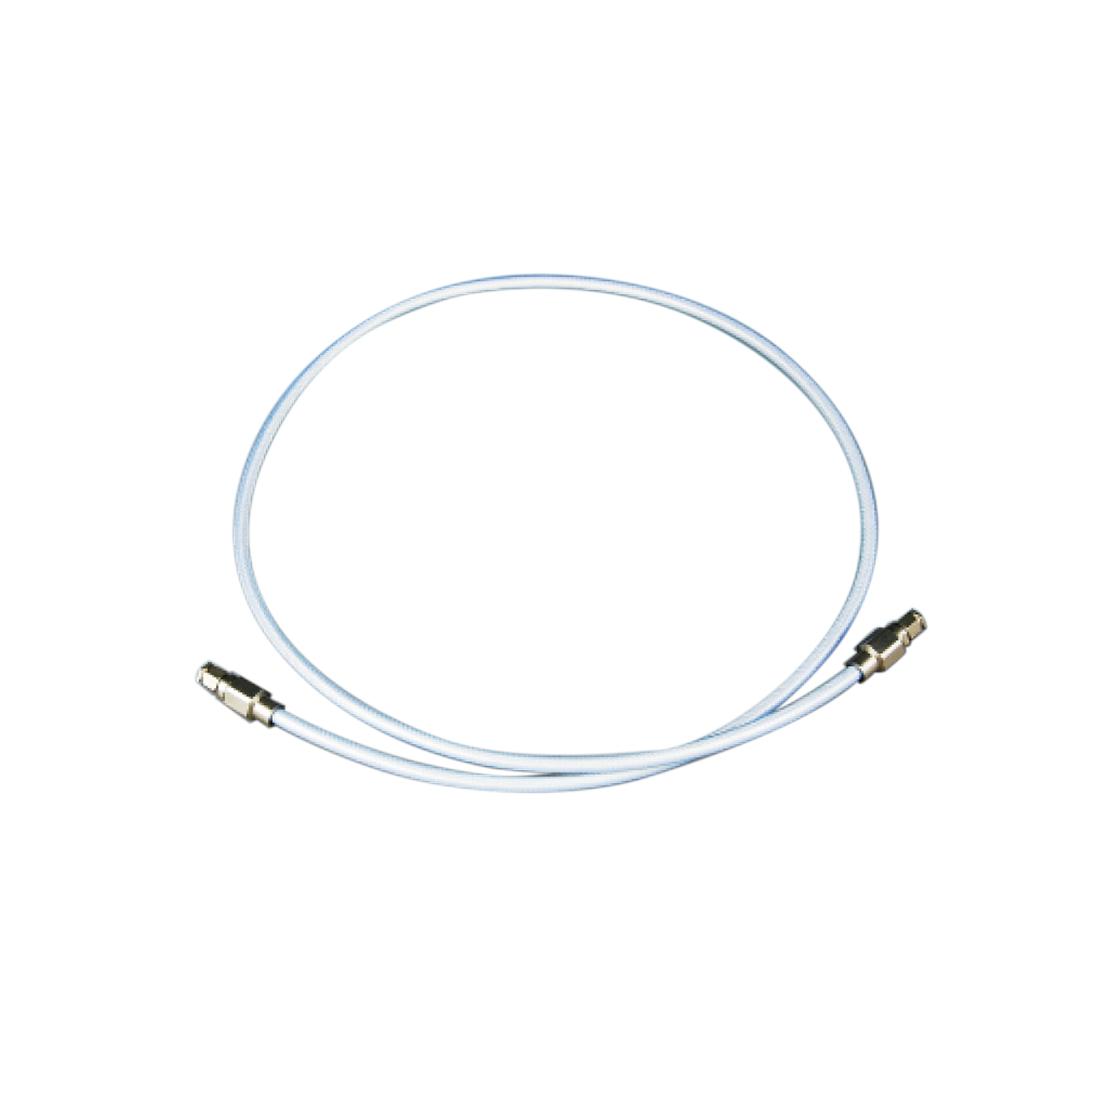 同轴电缆 TC522100 [DC-18 GHz]